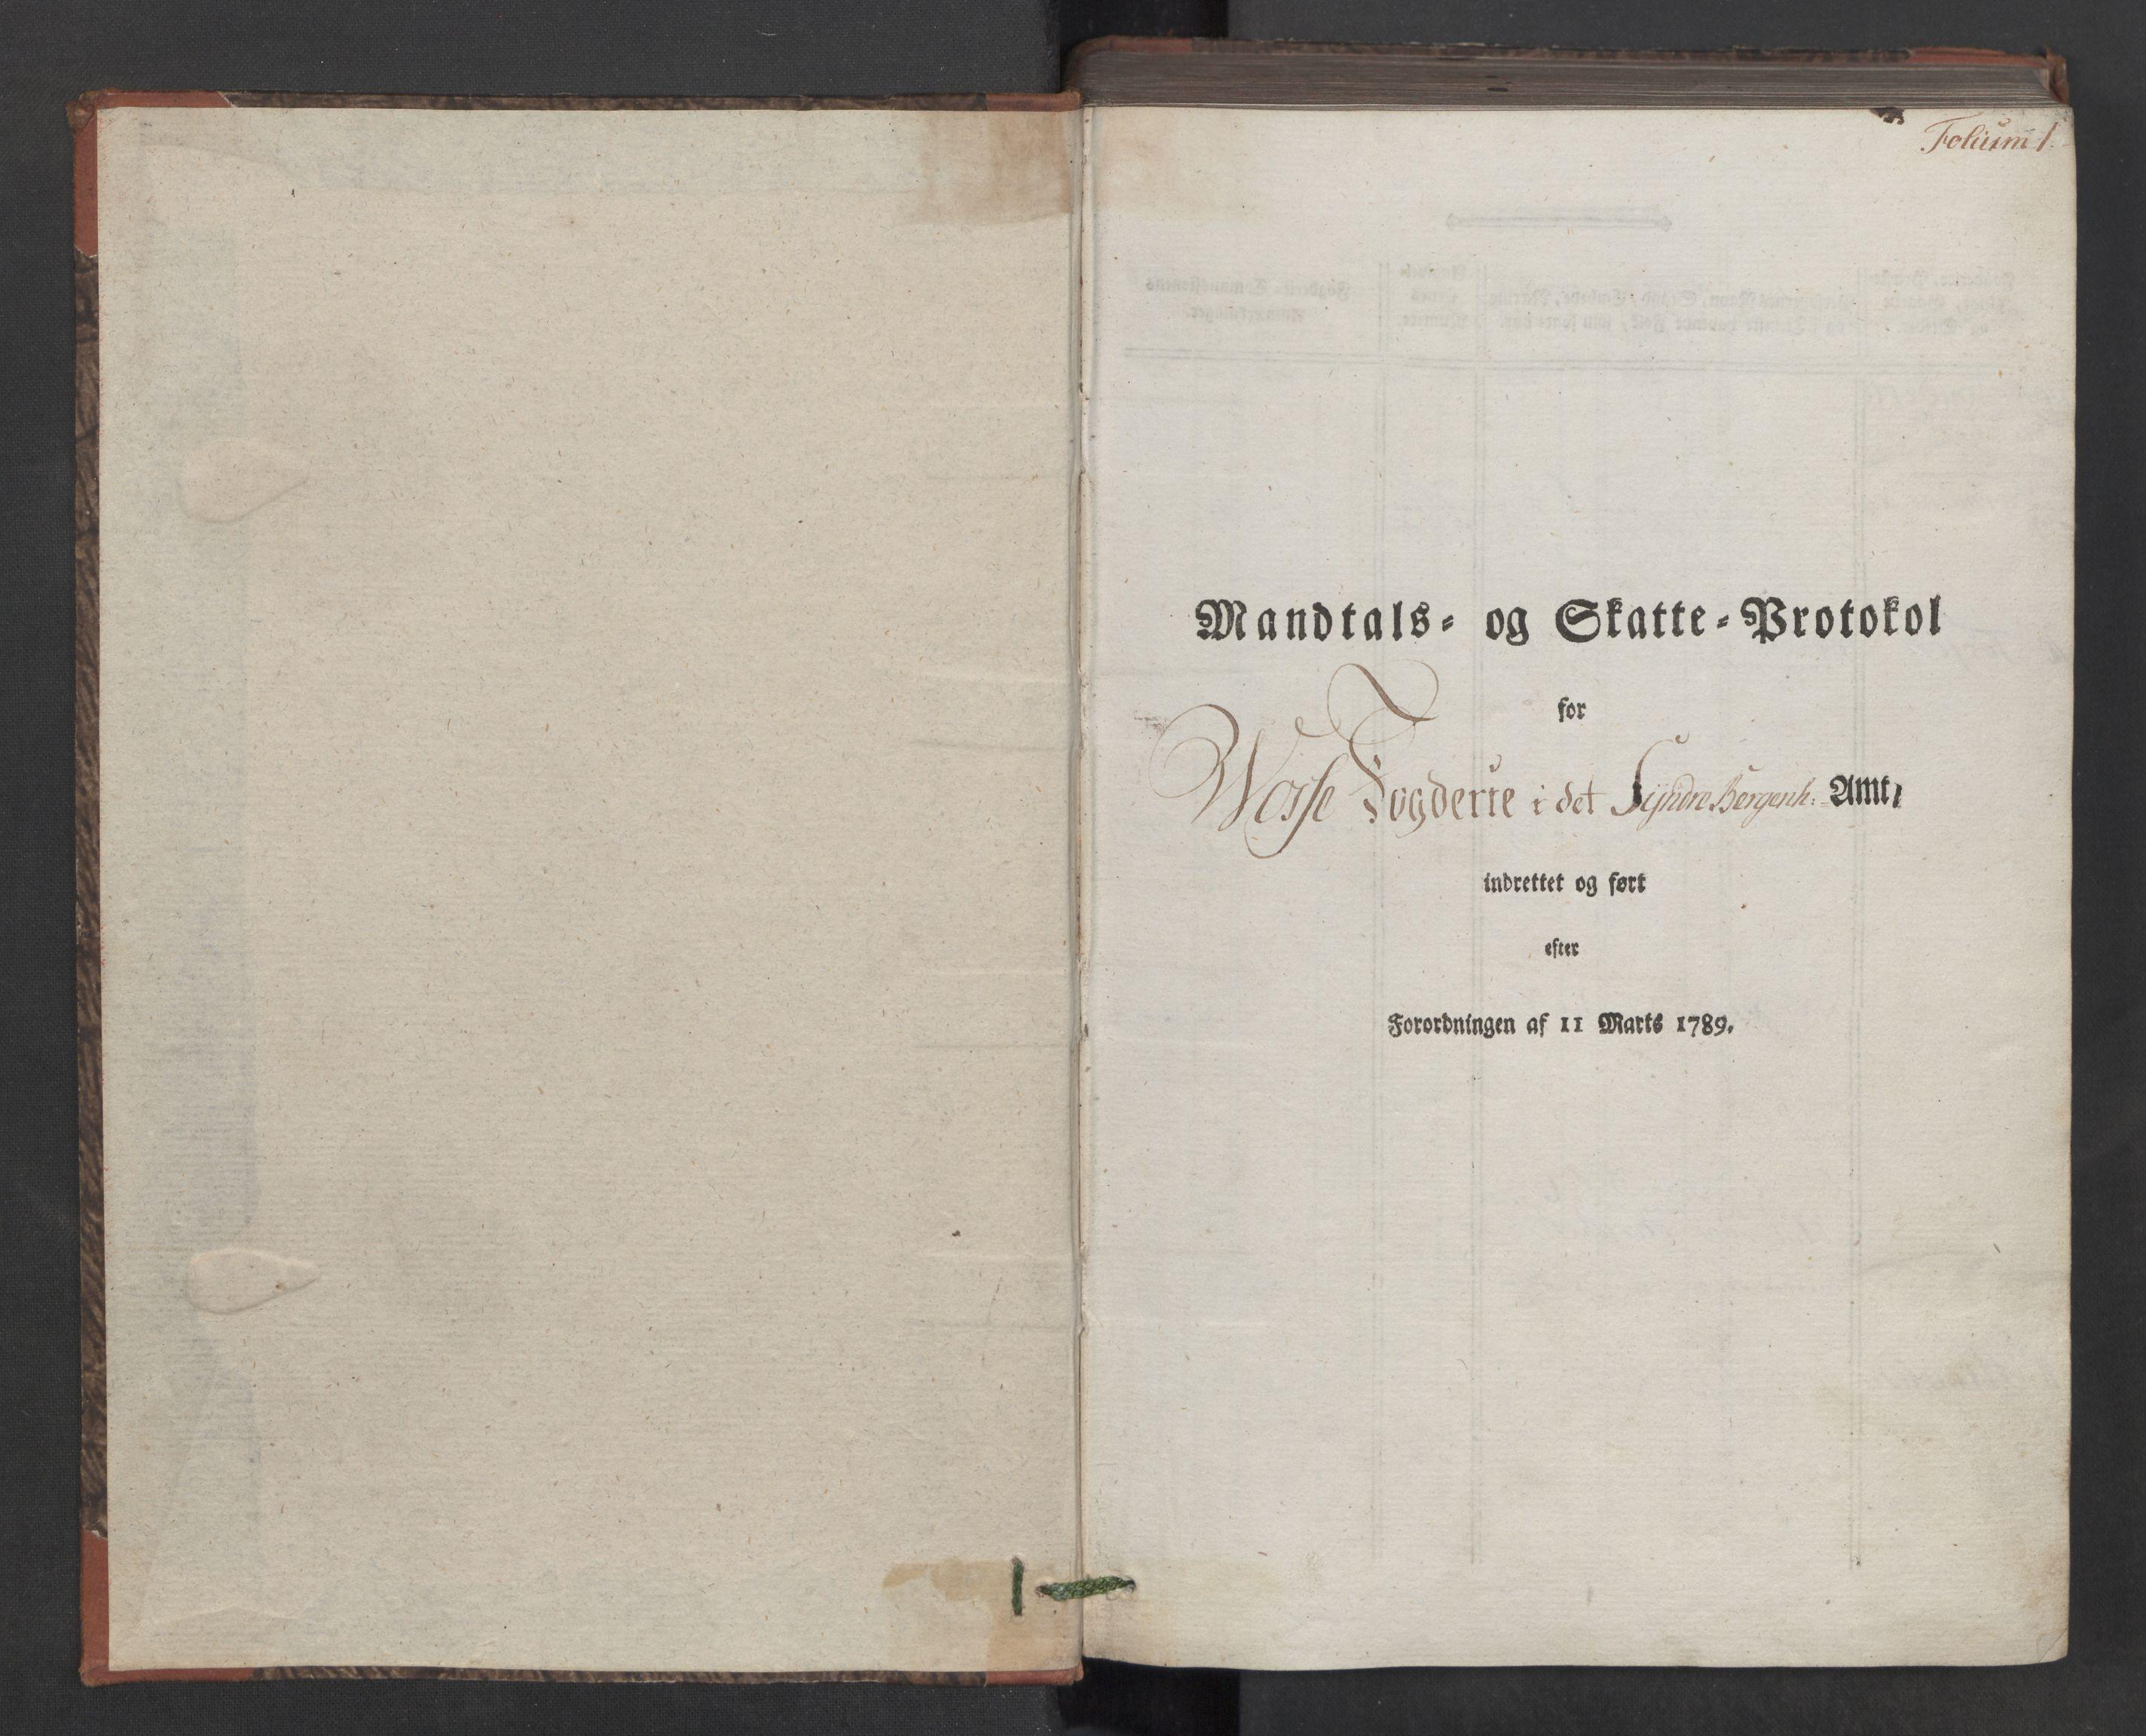 RA, Rentekammeret inntil 1814, Reviderte regnskaper, Mindre regnskaper, Rf/Rfe/L0030: Nordhordland og Voss fogderi, 1789, s. 1